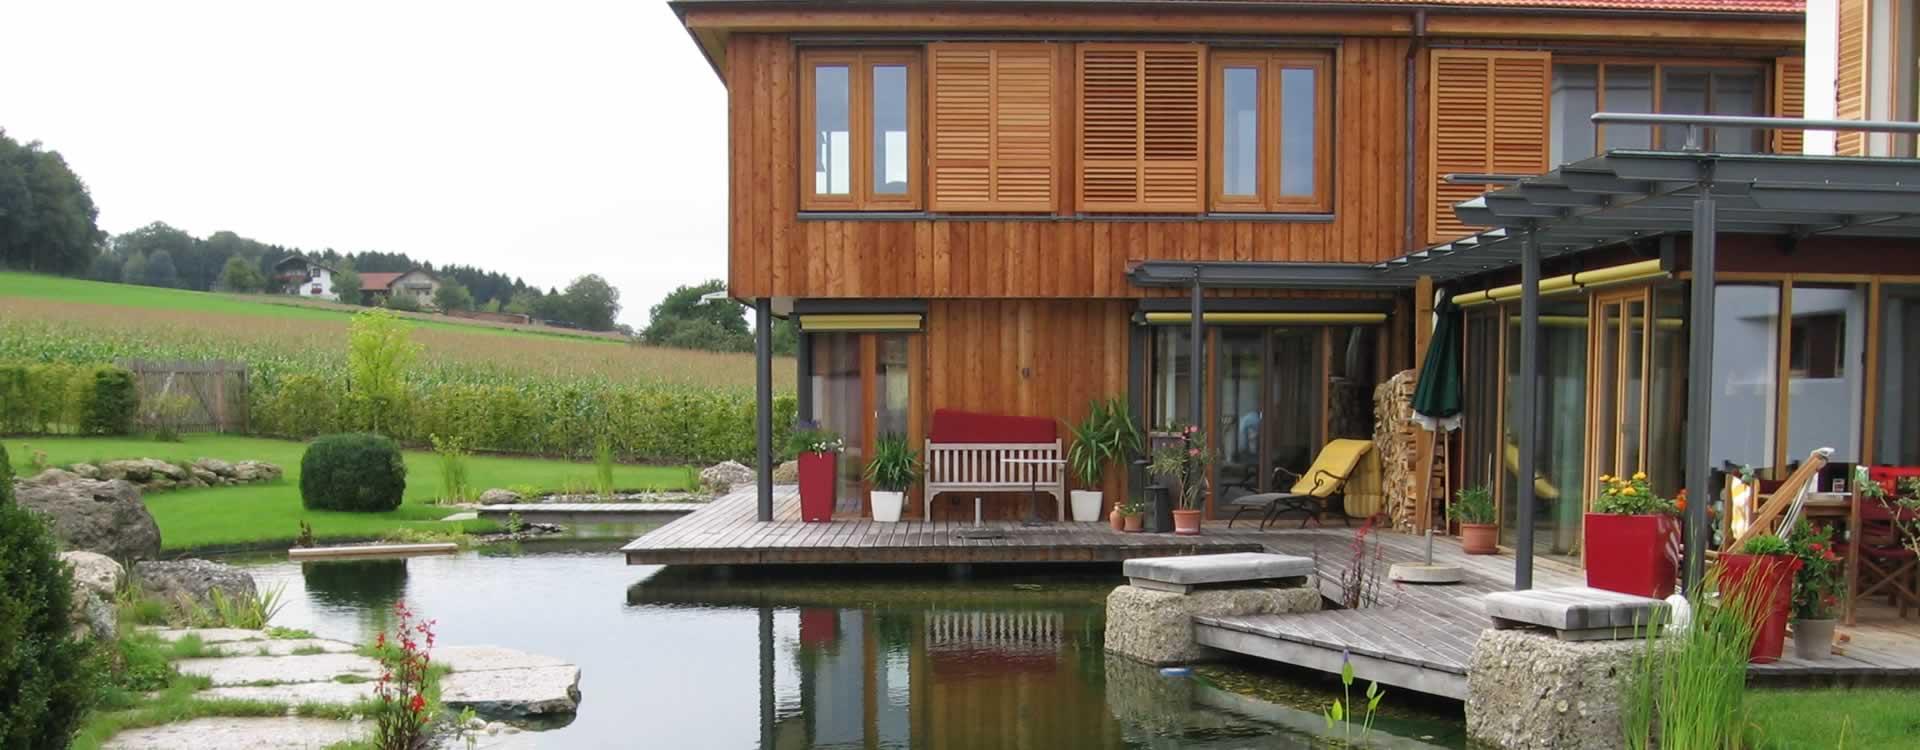 Hervorragend Teich & Gartenteich von Teichbau Moseler . Ihr Spezialist für MJ12